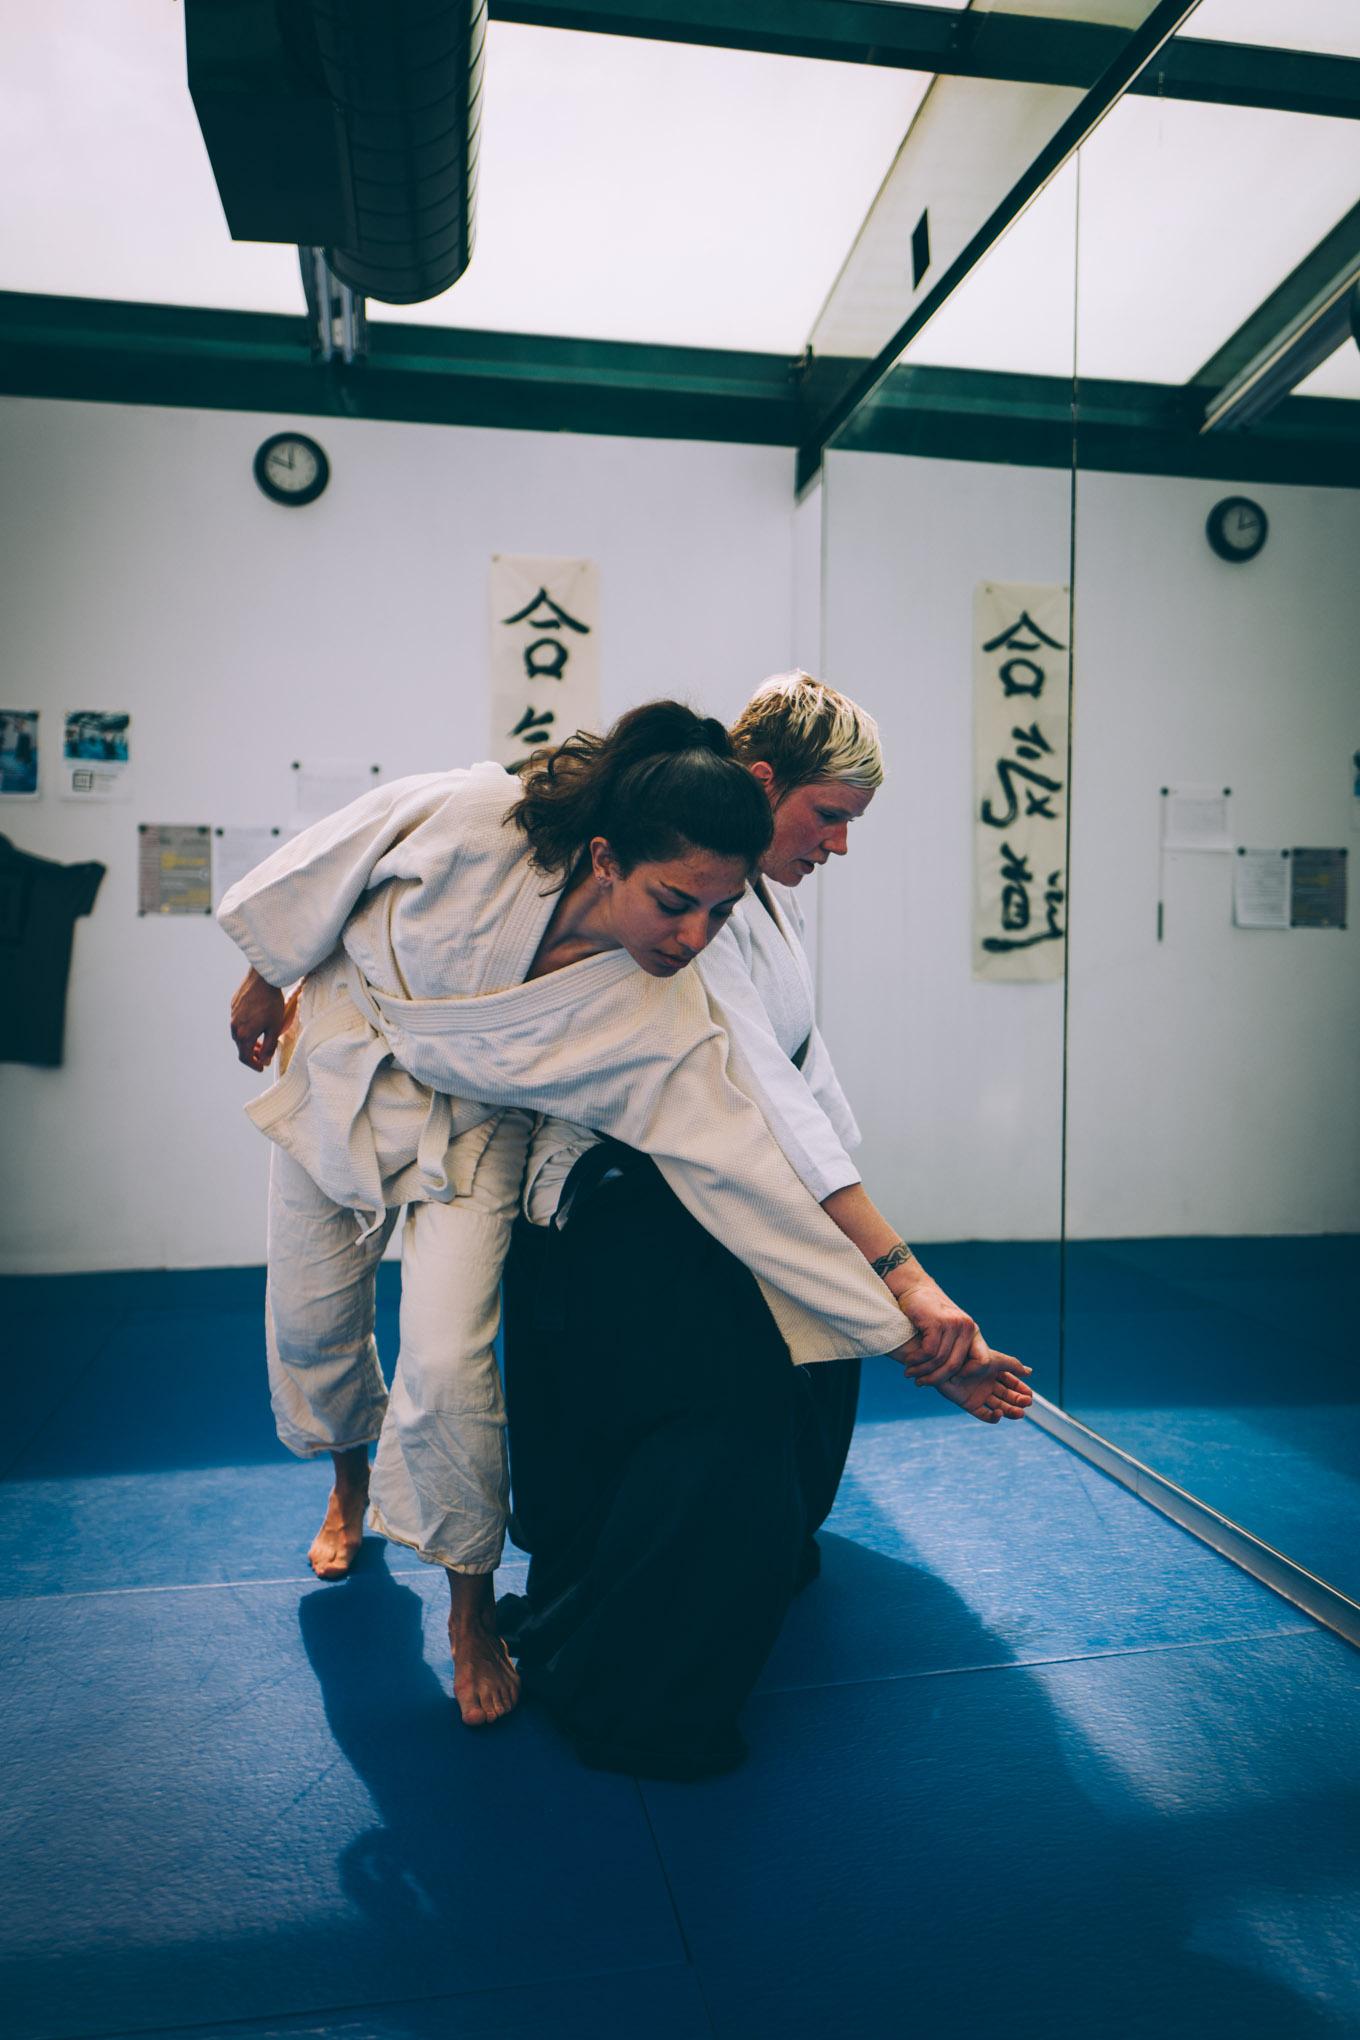 Gillian Macleod helps a beginner learn ukemi at Bushwick Dojo in Brooklyn, New York